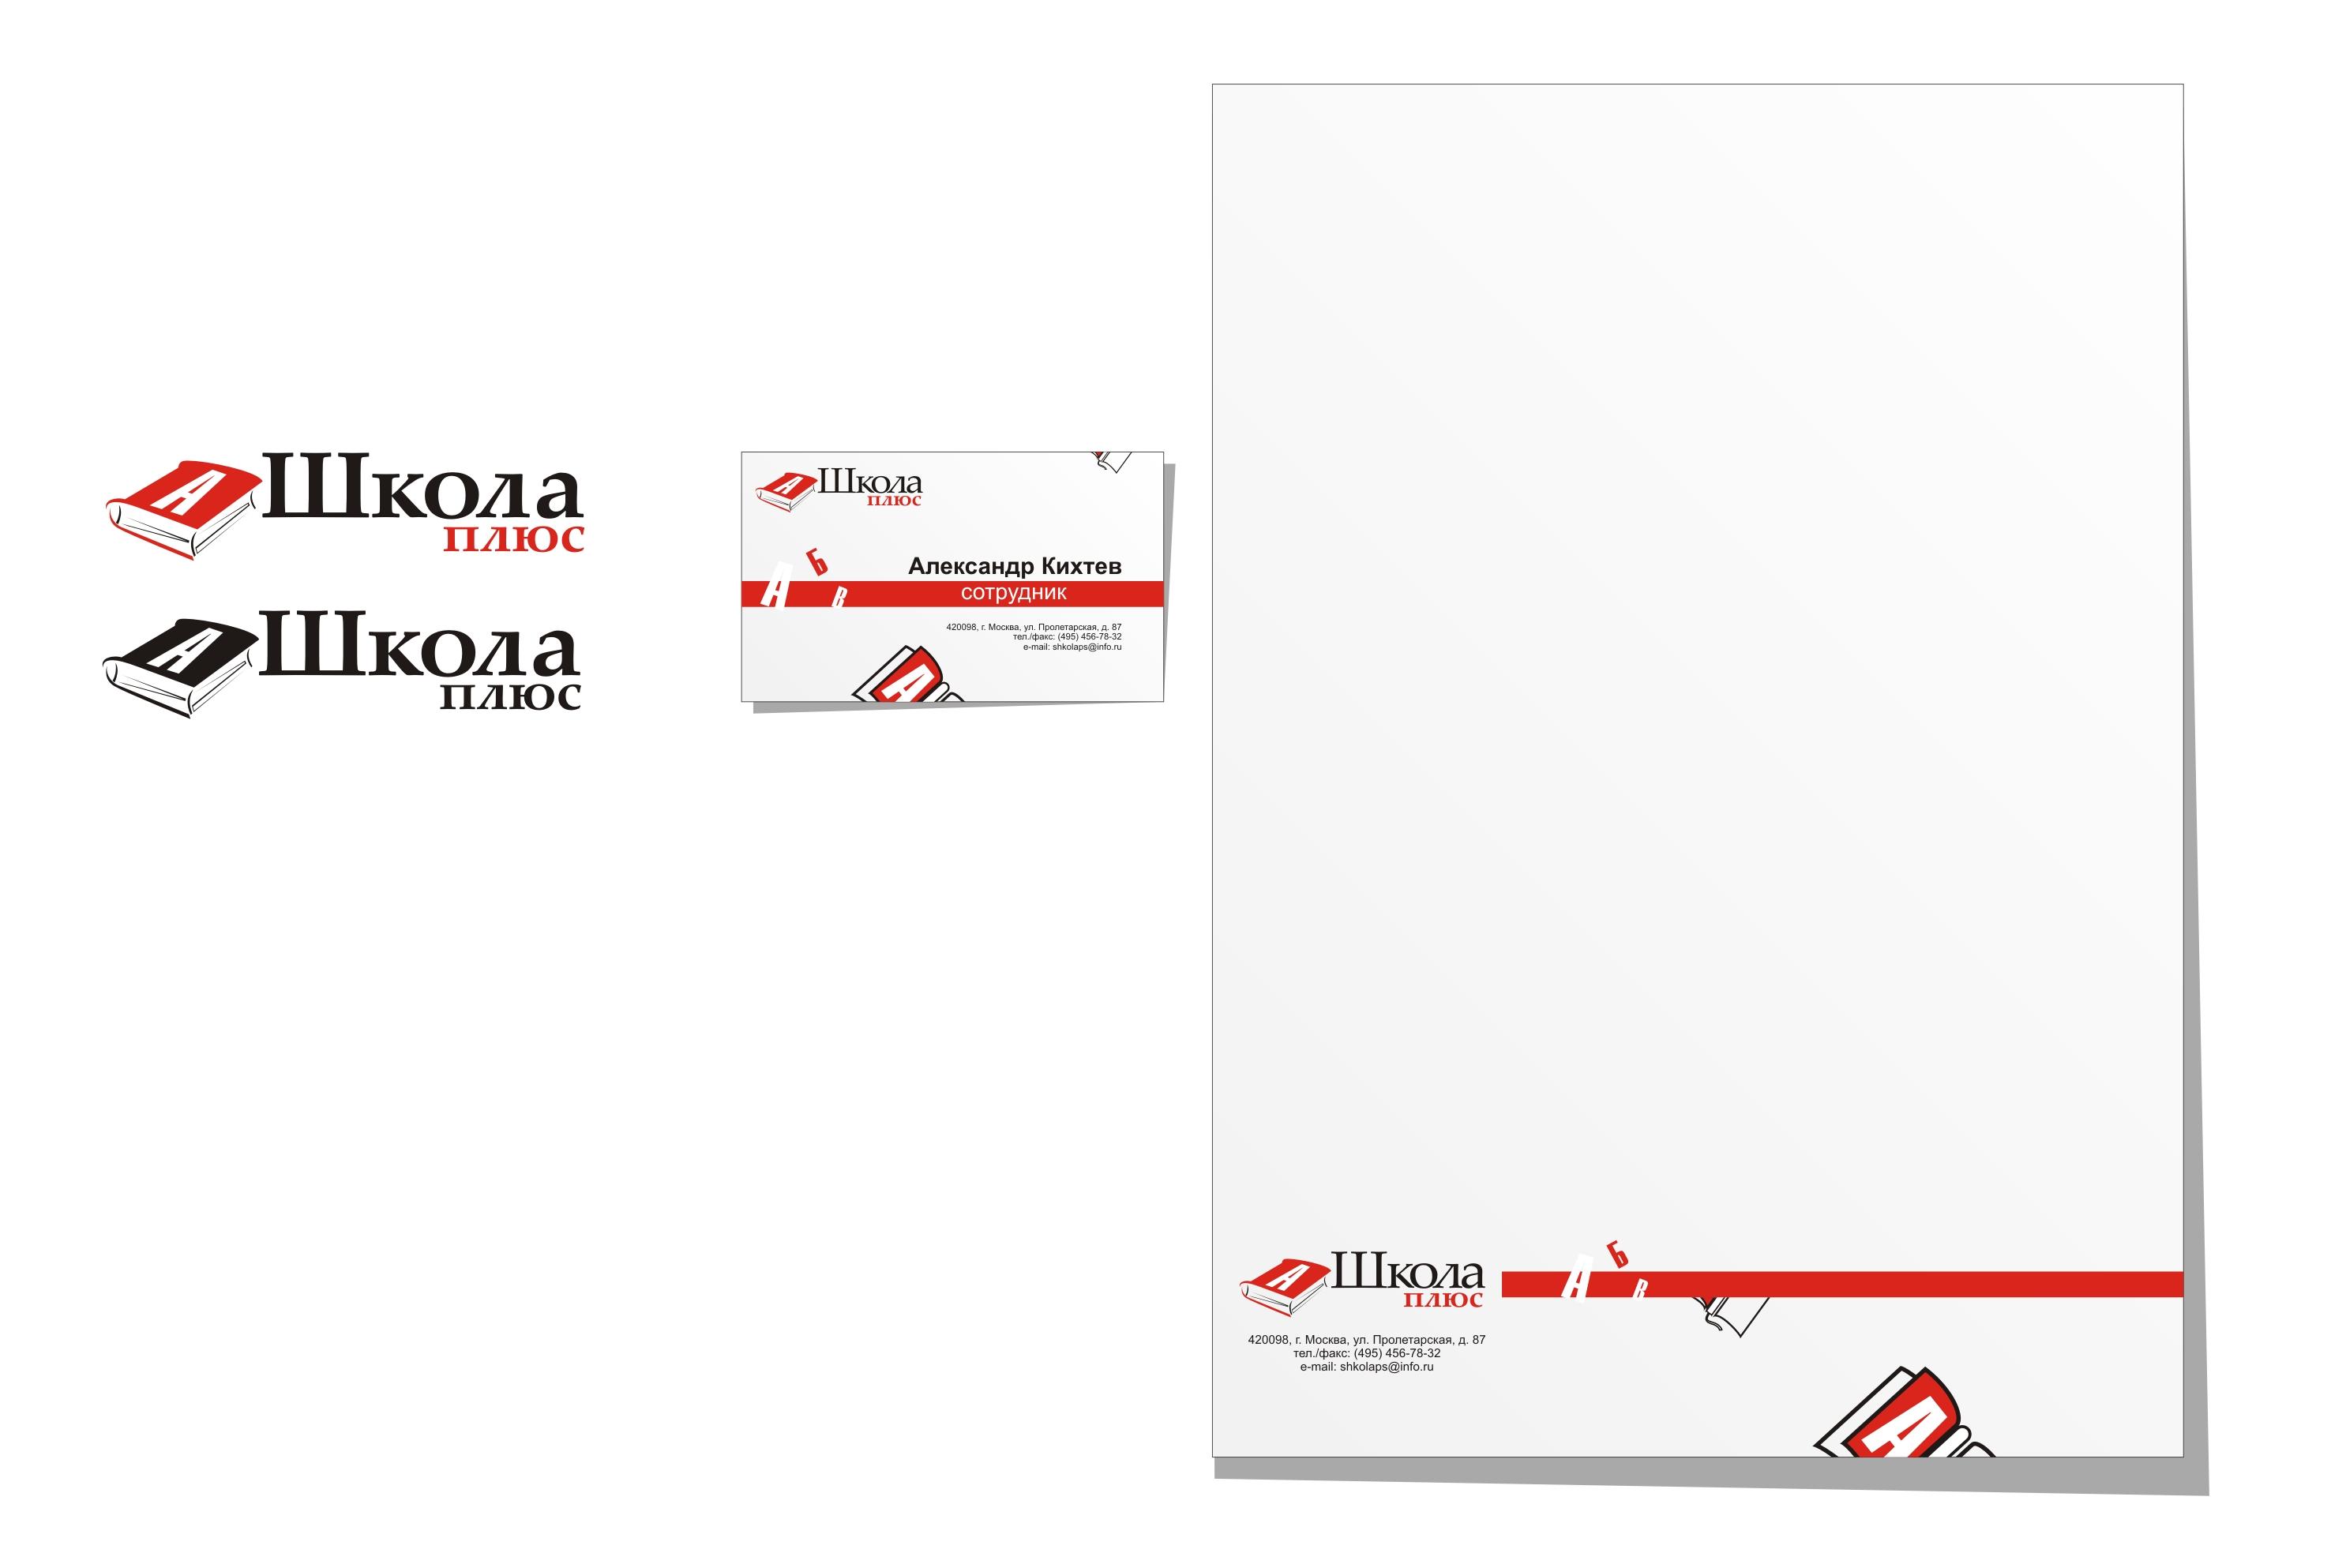 Разработка логотипа и пары элементов фирменного стиля фото f_4dad4e35bb6dc.jpg